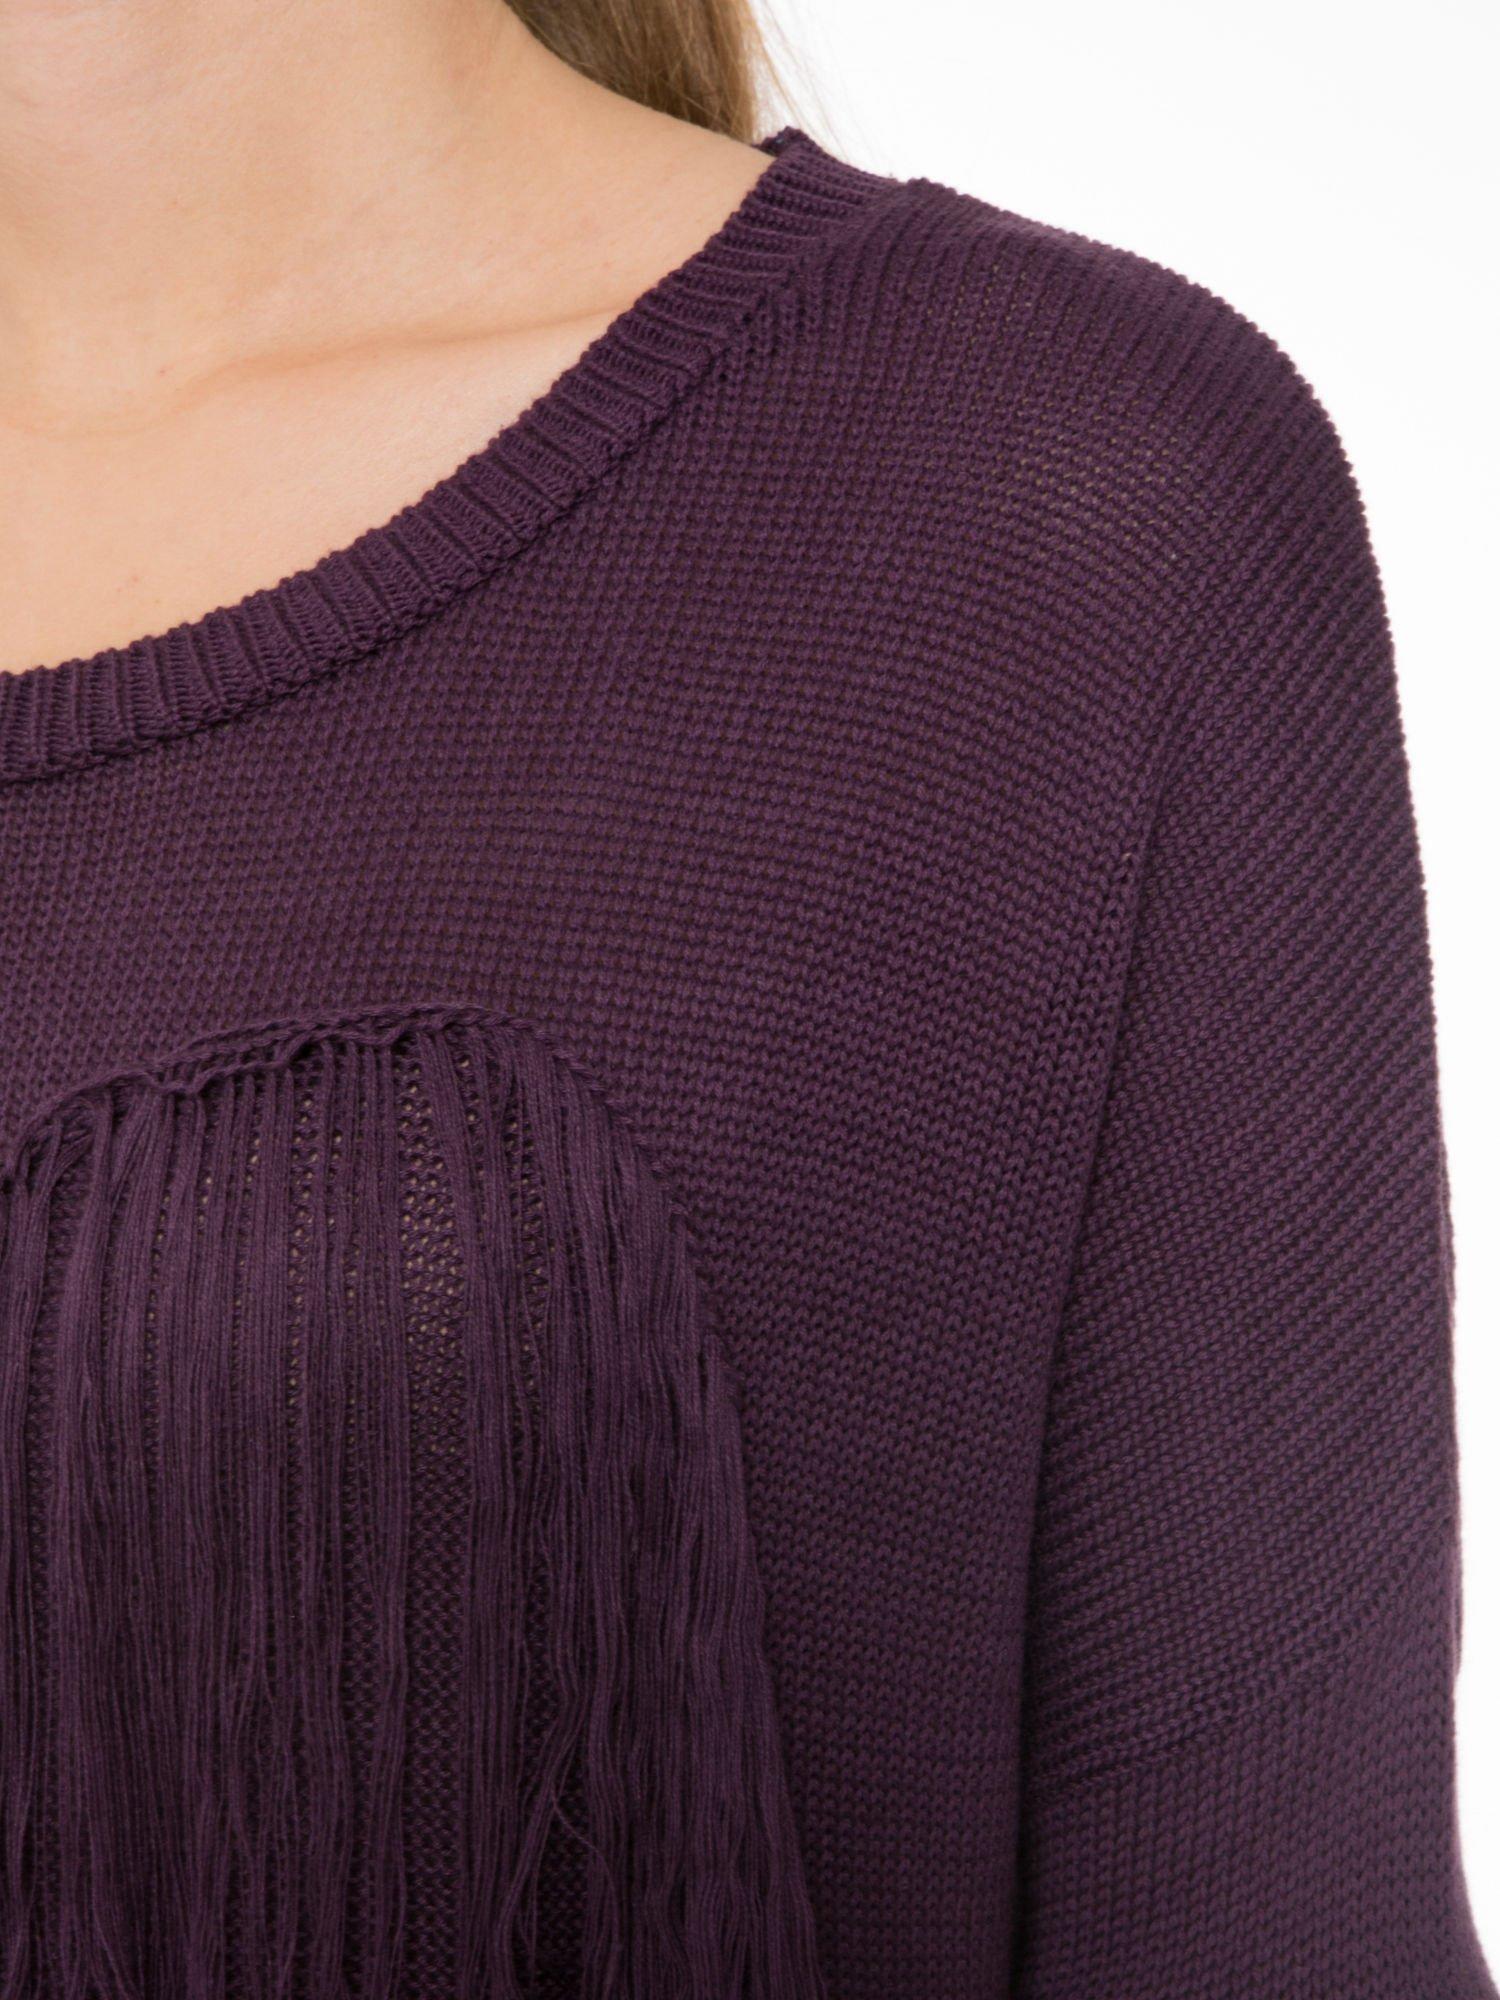 Ciemnofioletowy sweter z sercem obszytym frędzlami                                  zdj.                                  5